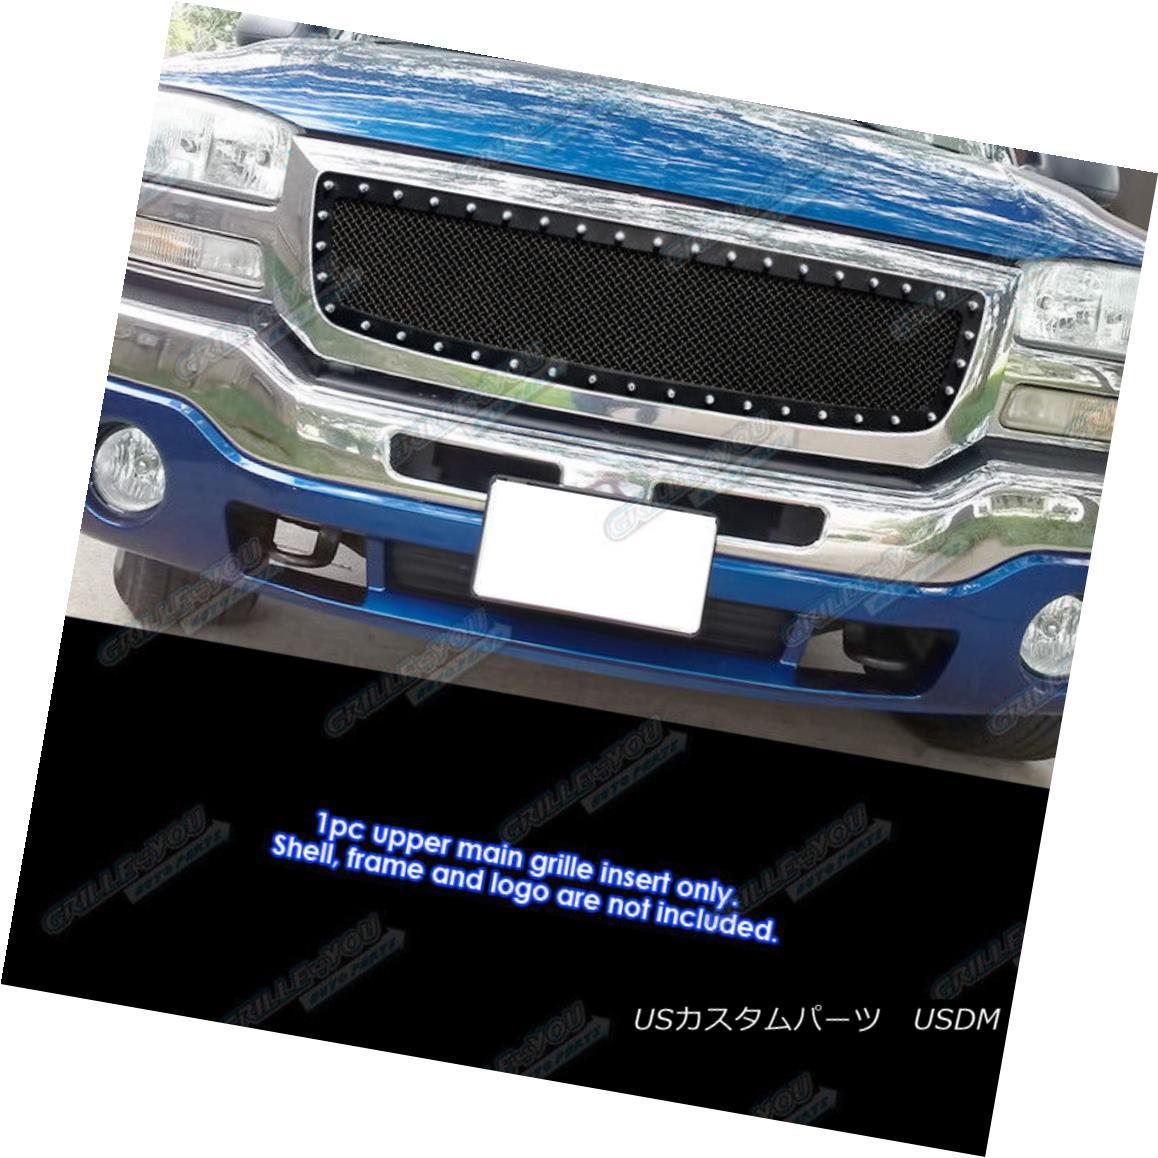 グリル For 2003-2006 GMC Sierra 1500 W/Logo Covered Stainless Black Rivet Mesh Grille 2003-2006 GMC Sierra 1500 W / Logoのカバー付きステンレスブラックリベットメッシュグリル